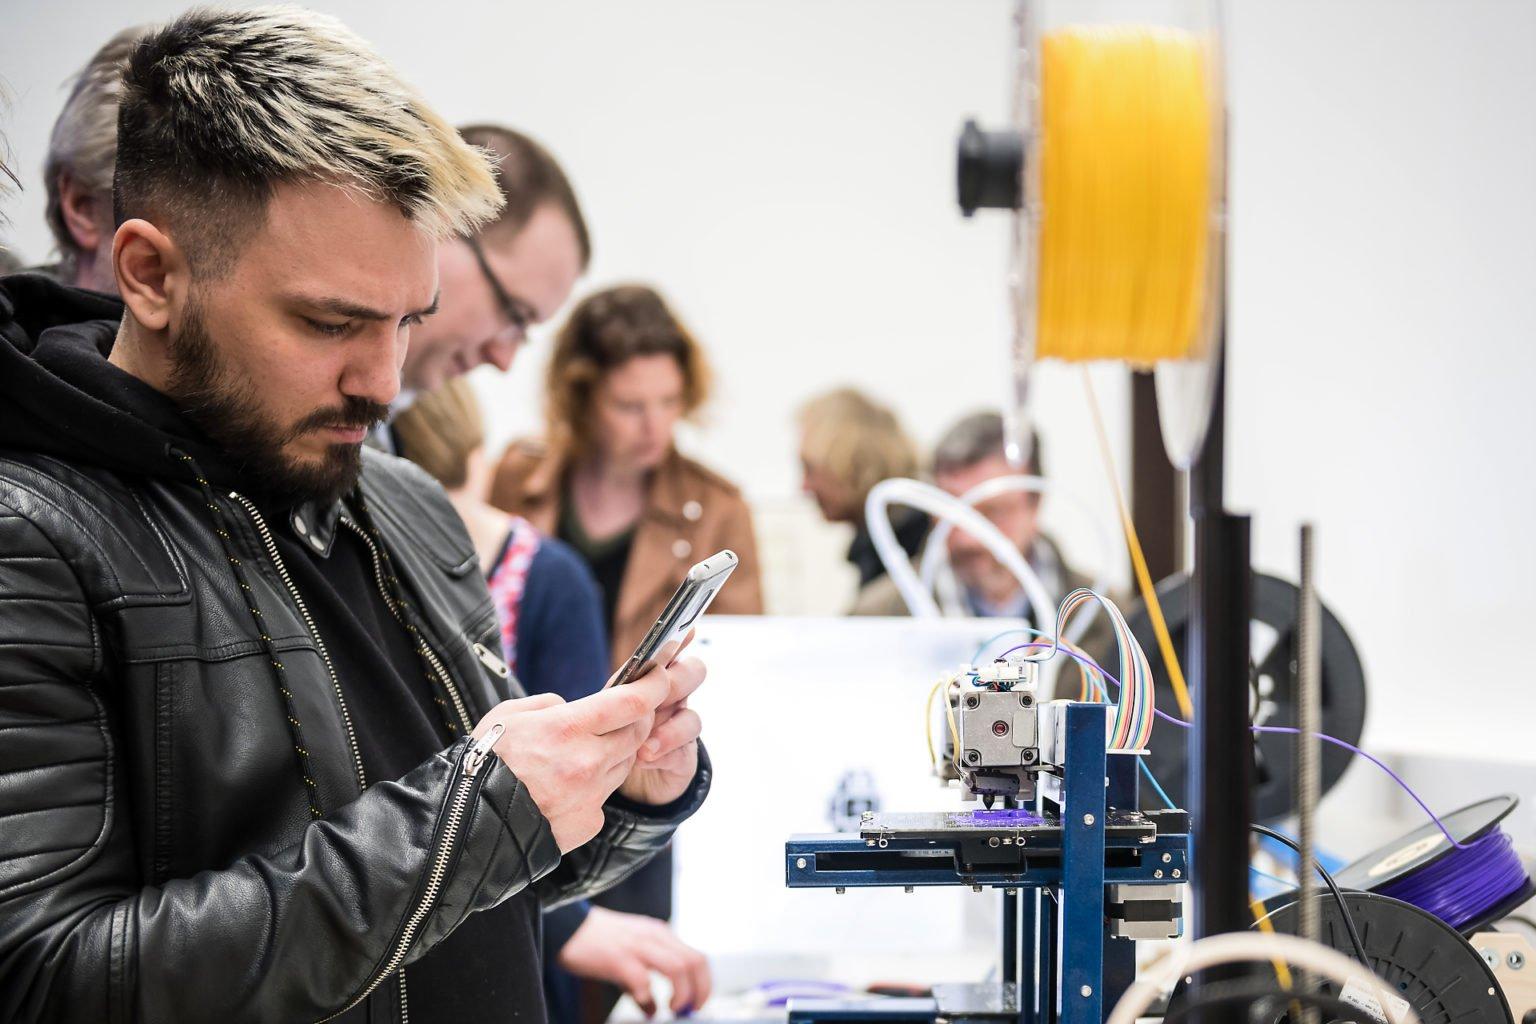 Imprimante 3D, Démonstration lors de l'inauguration du FabLab de Charleroi, événement d'entreprise par Aurore Delsoir photographe d'entreprise à Bruxelles et en Wallonie